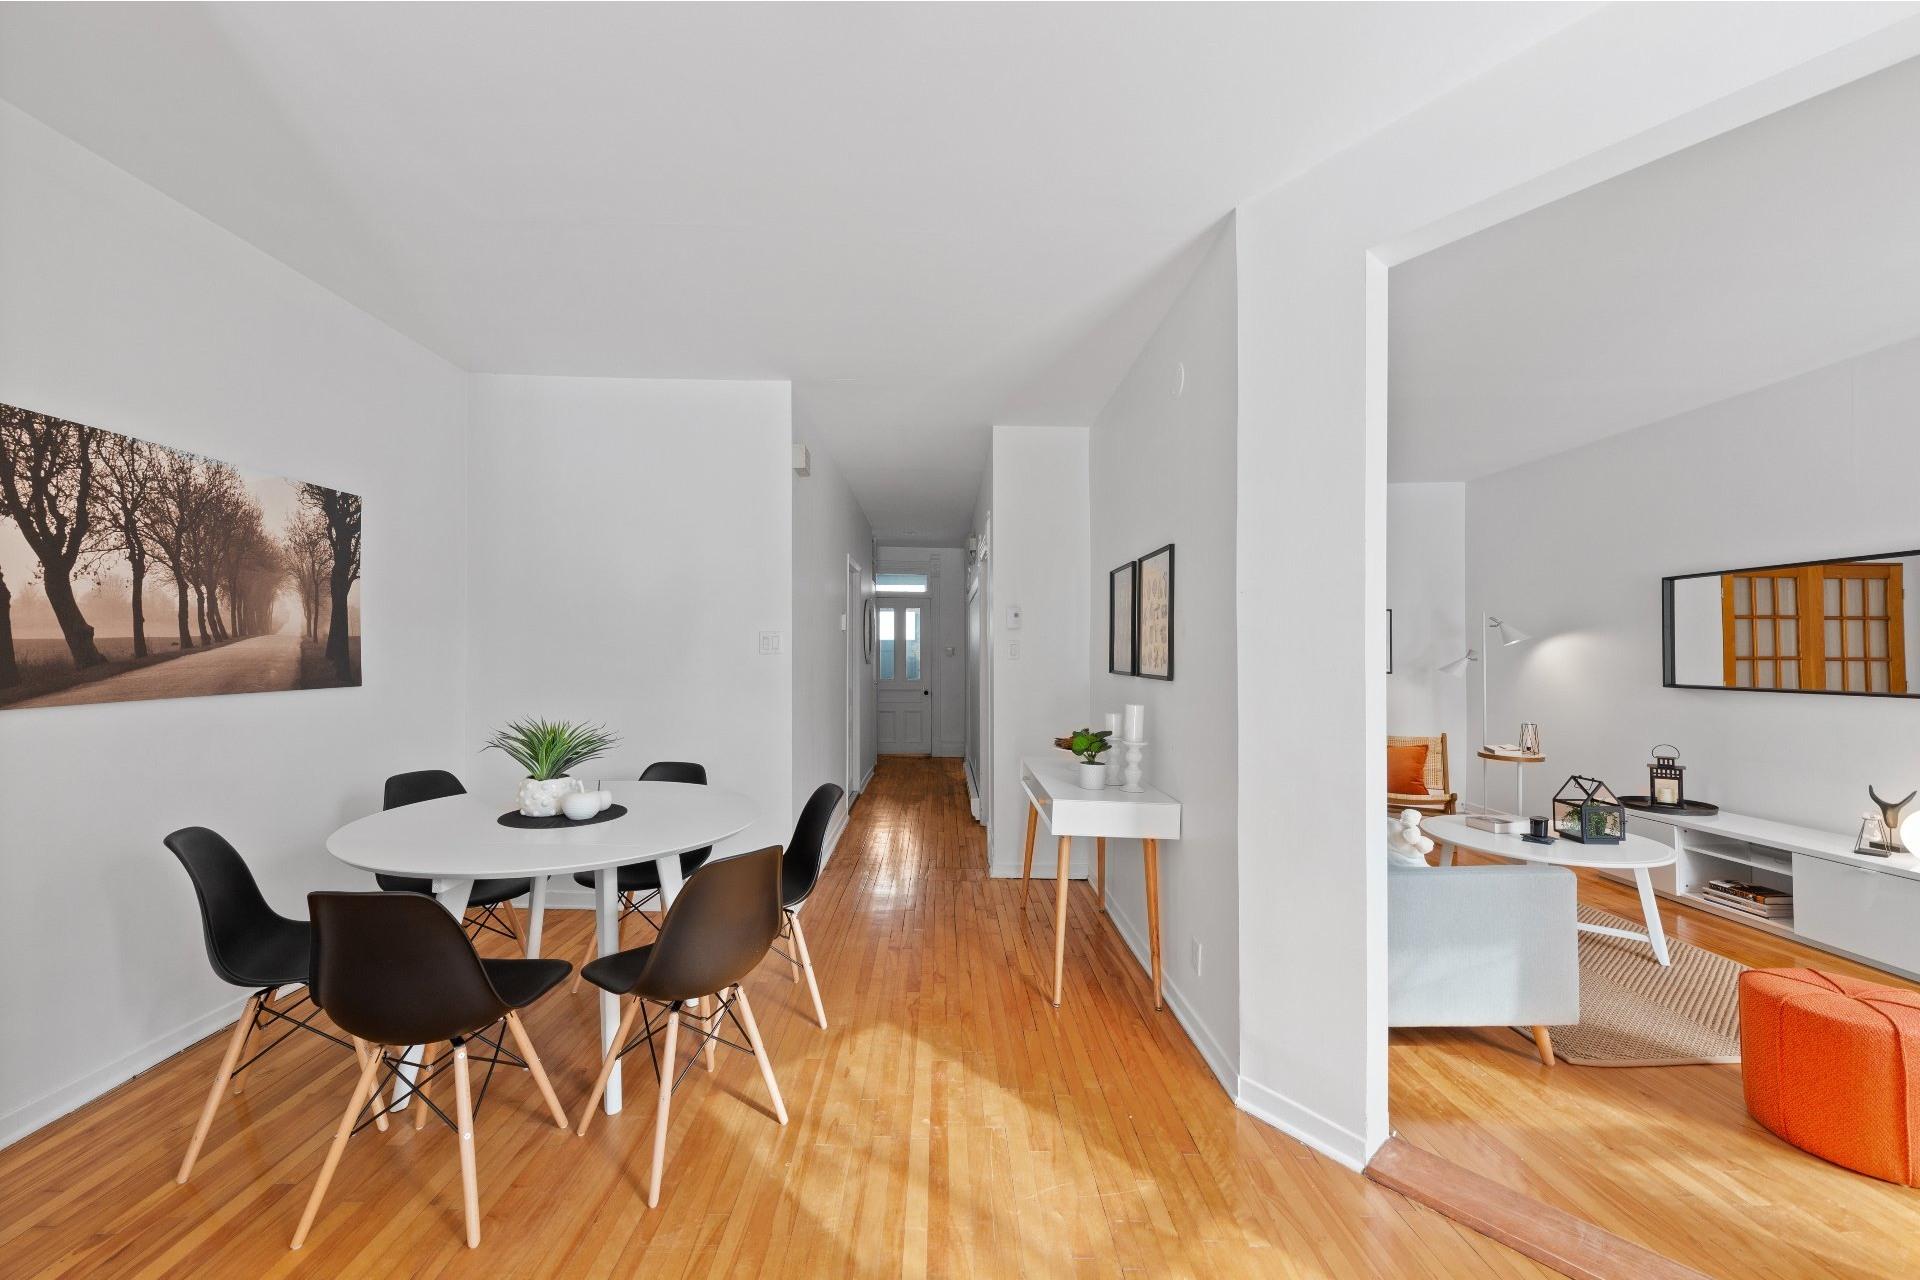 image 26 - Maison À vendre Le Plateau-Mont-Royal Montréal  - 10 pièces